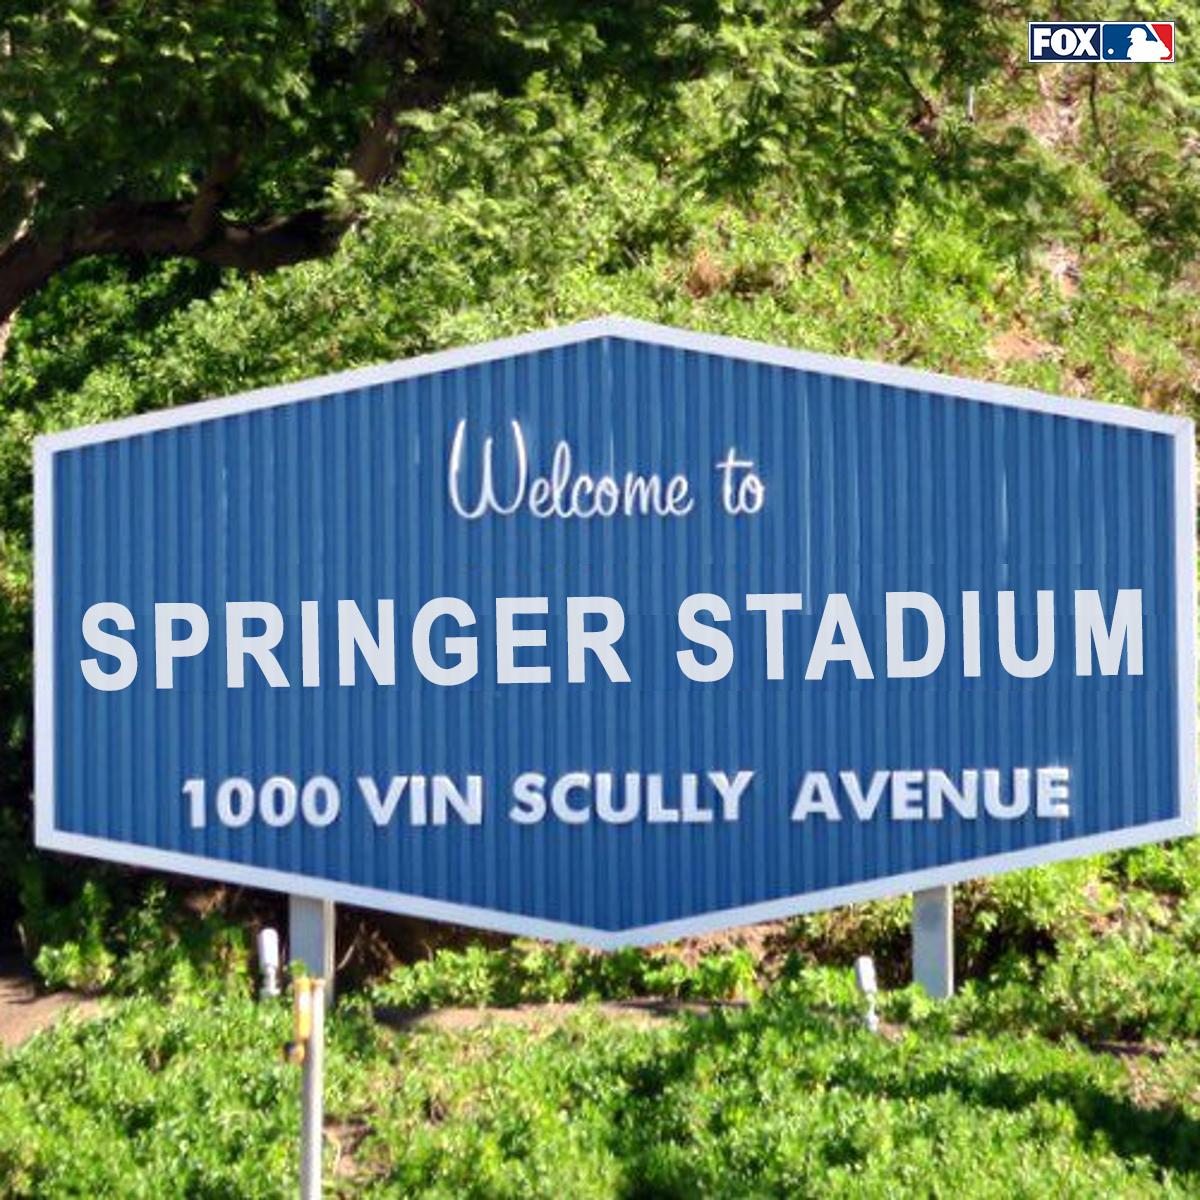 @MLBONFOX's photo on Springer